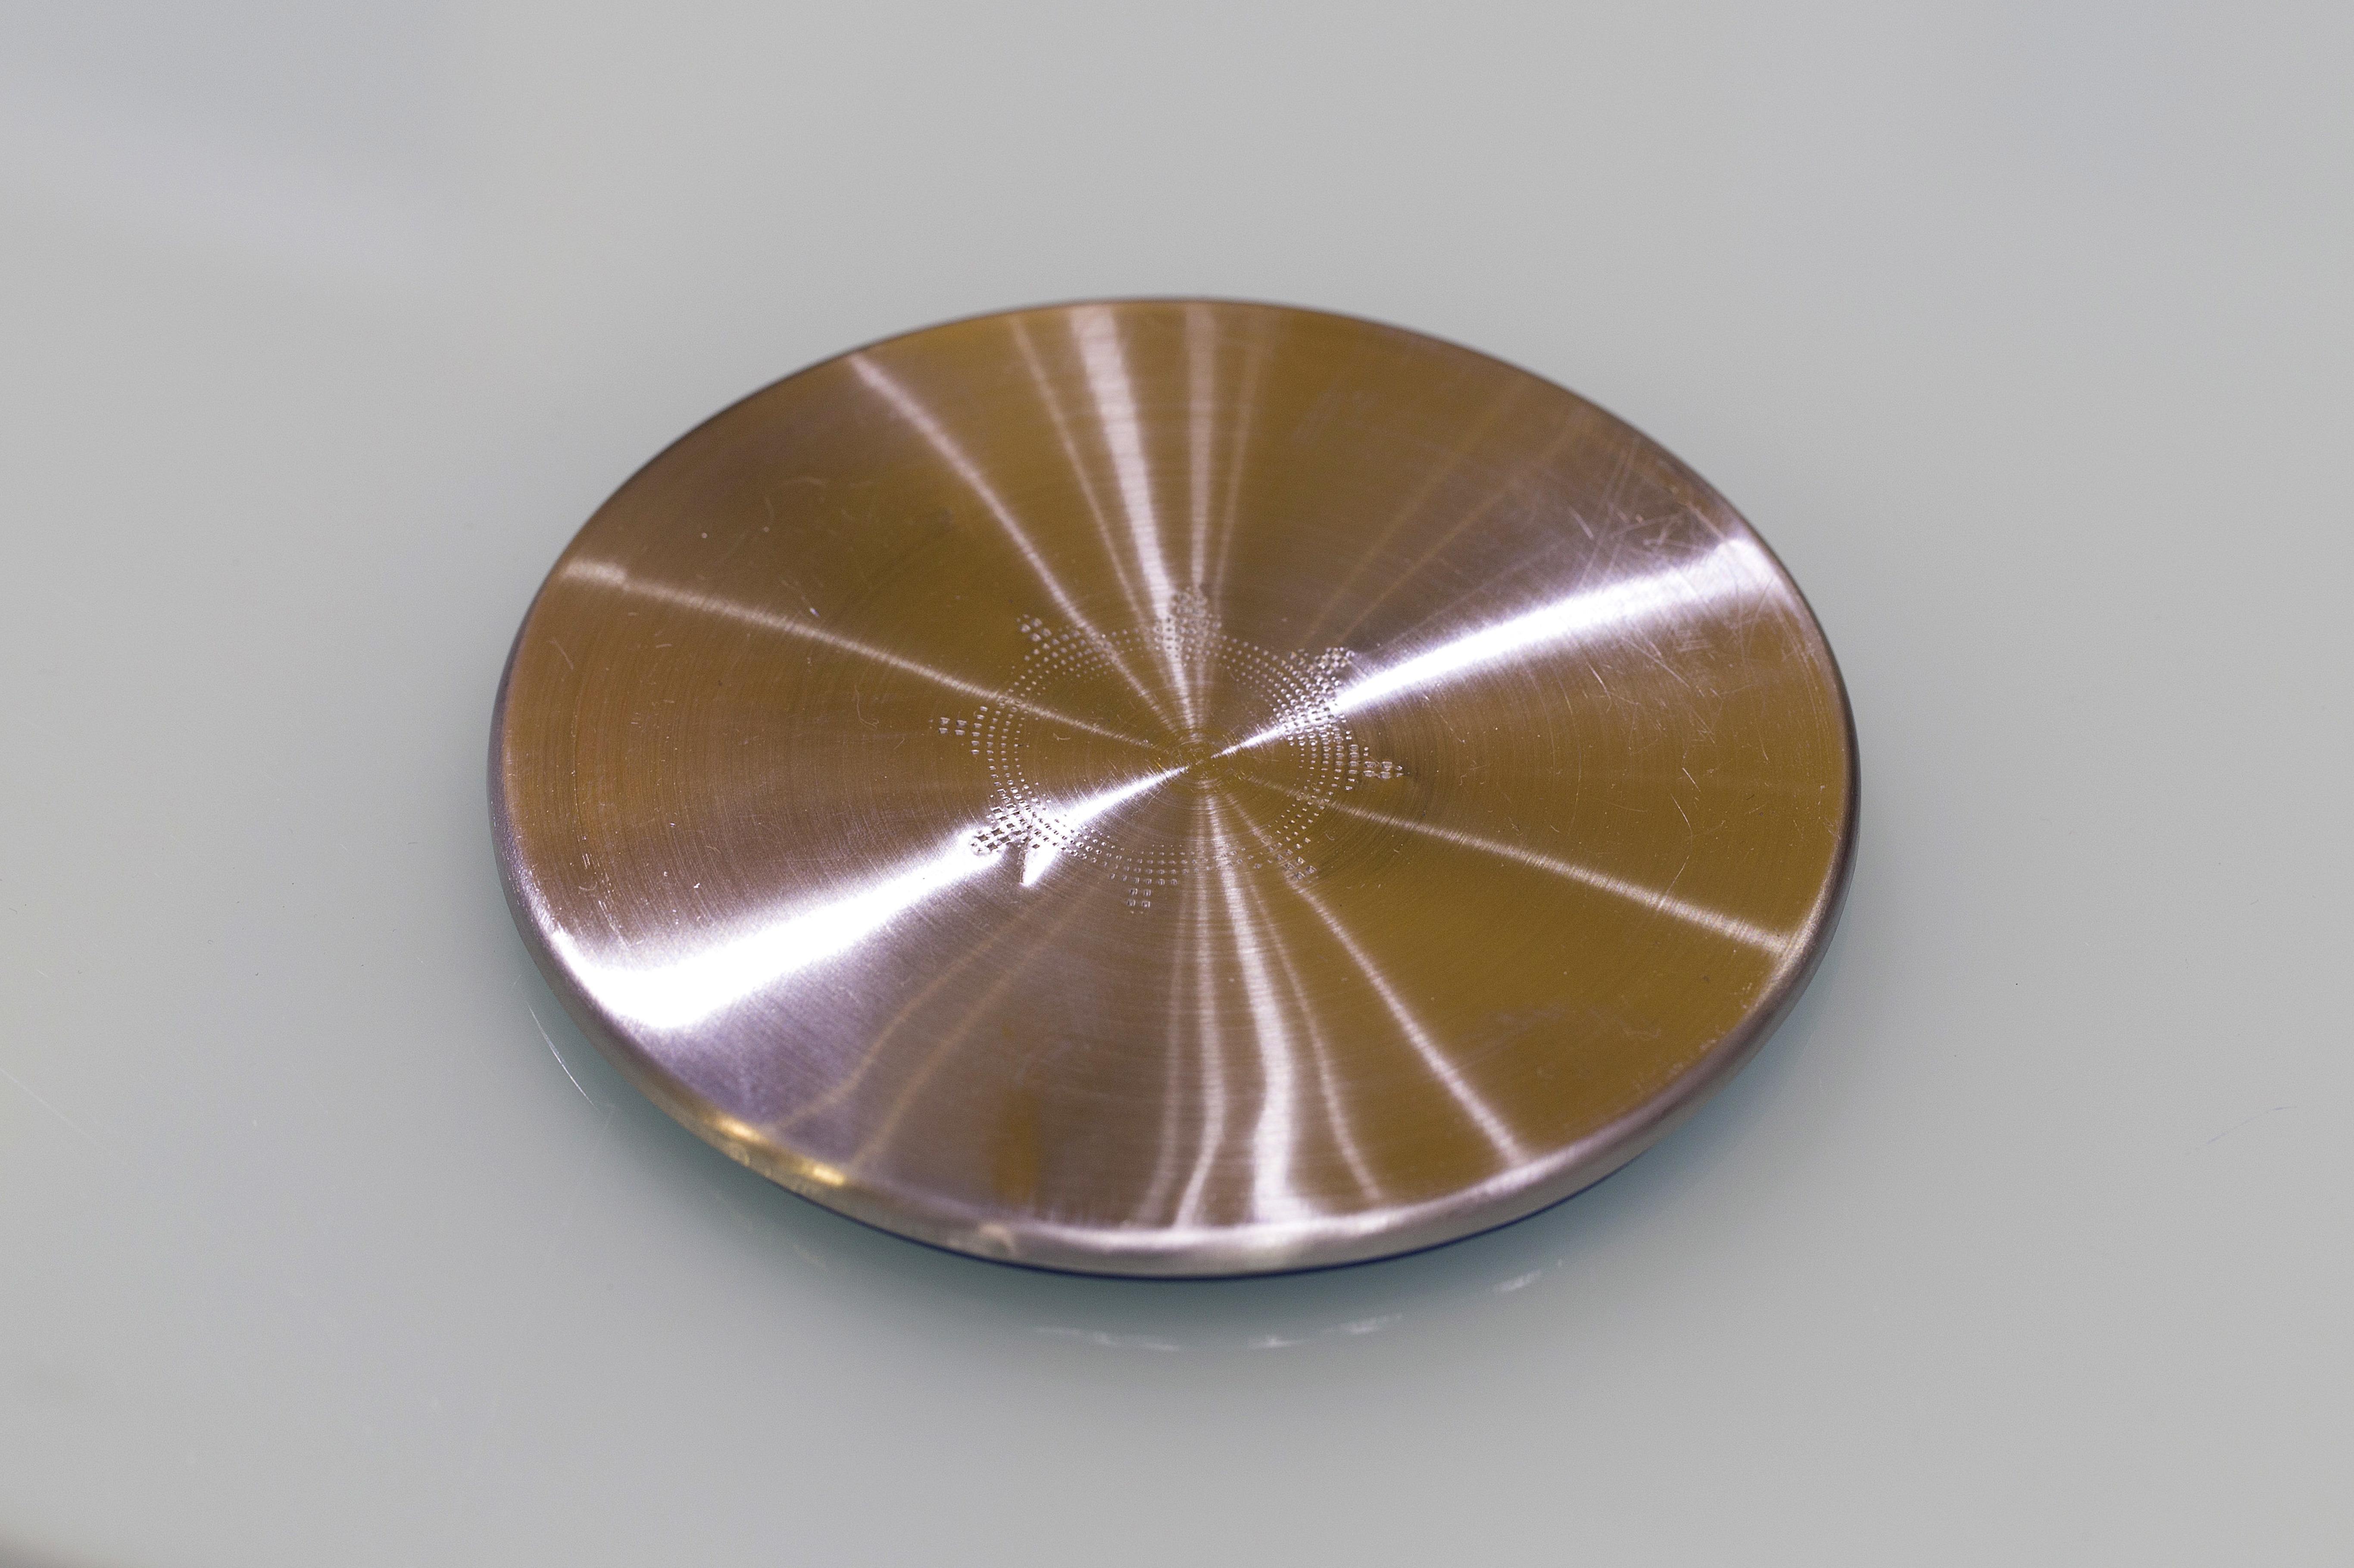 PRIMIGENIO de 12,50 cms de diametro